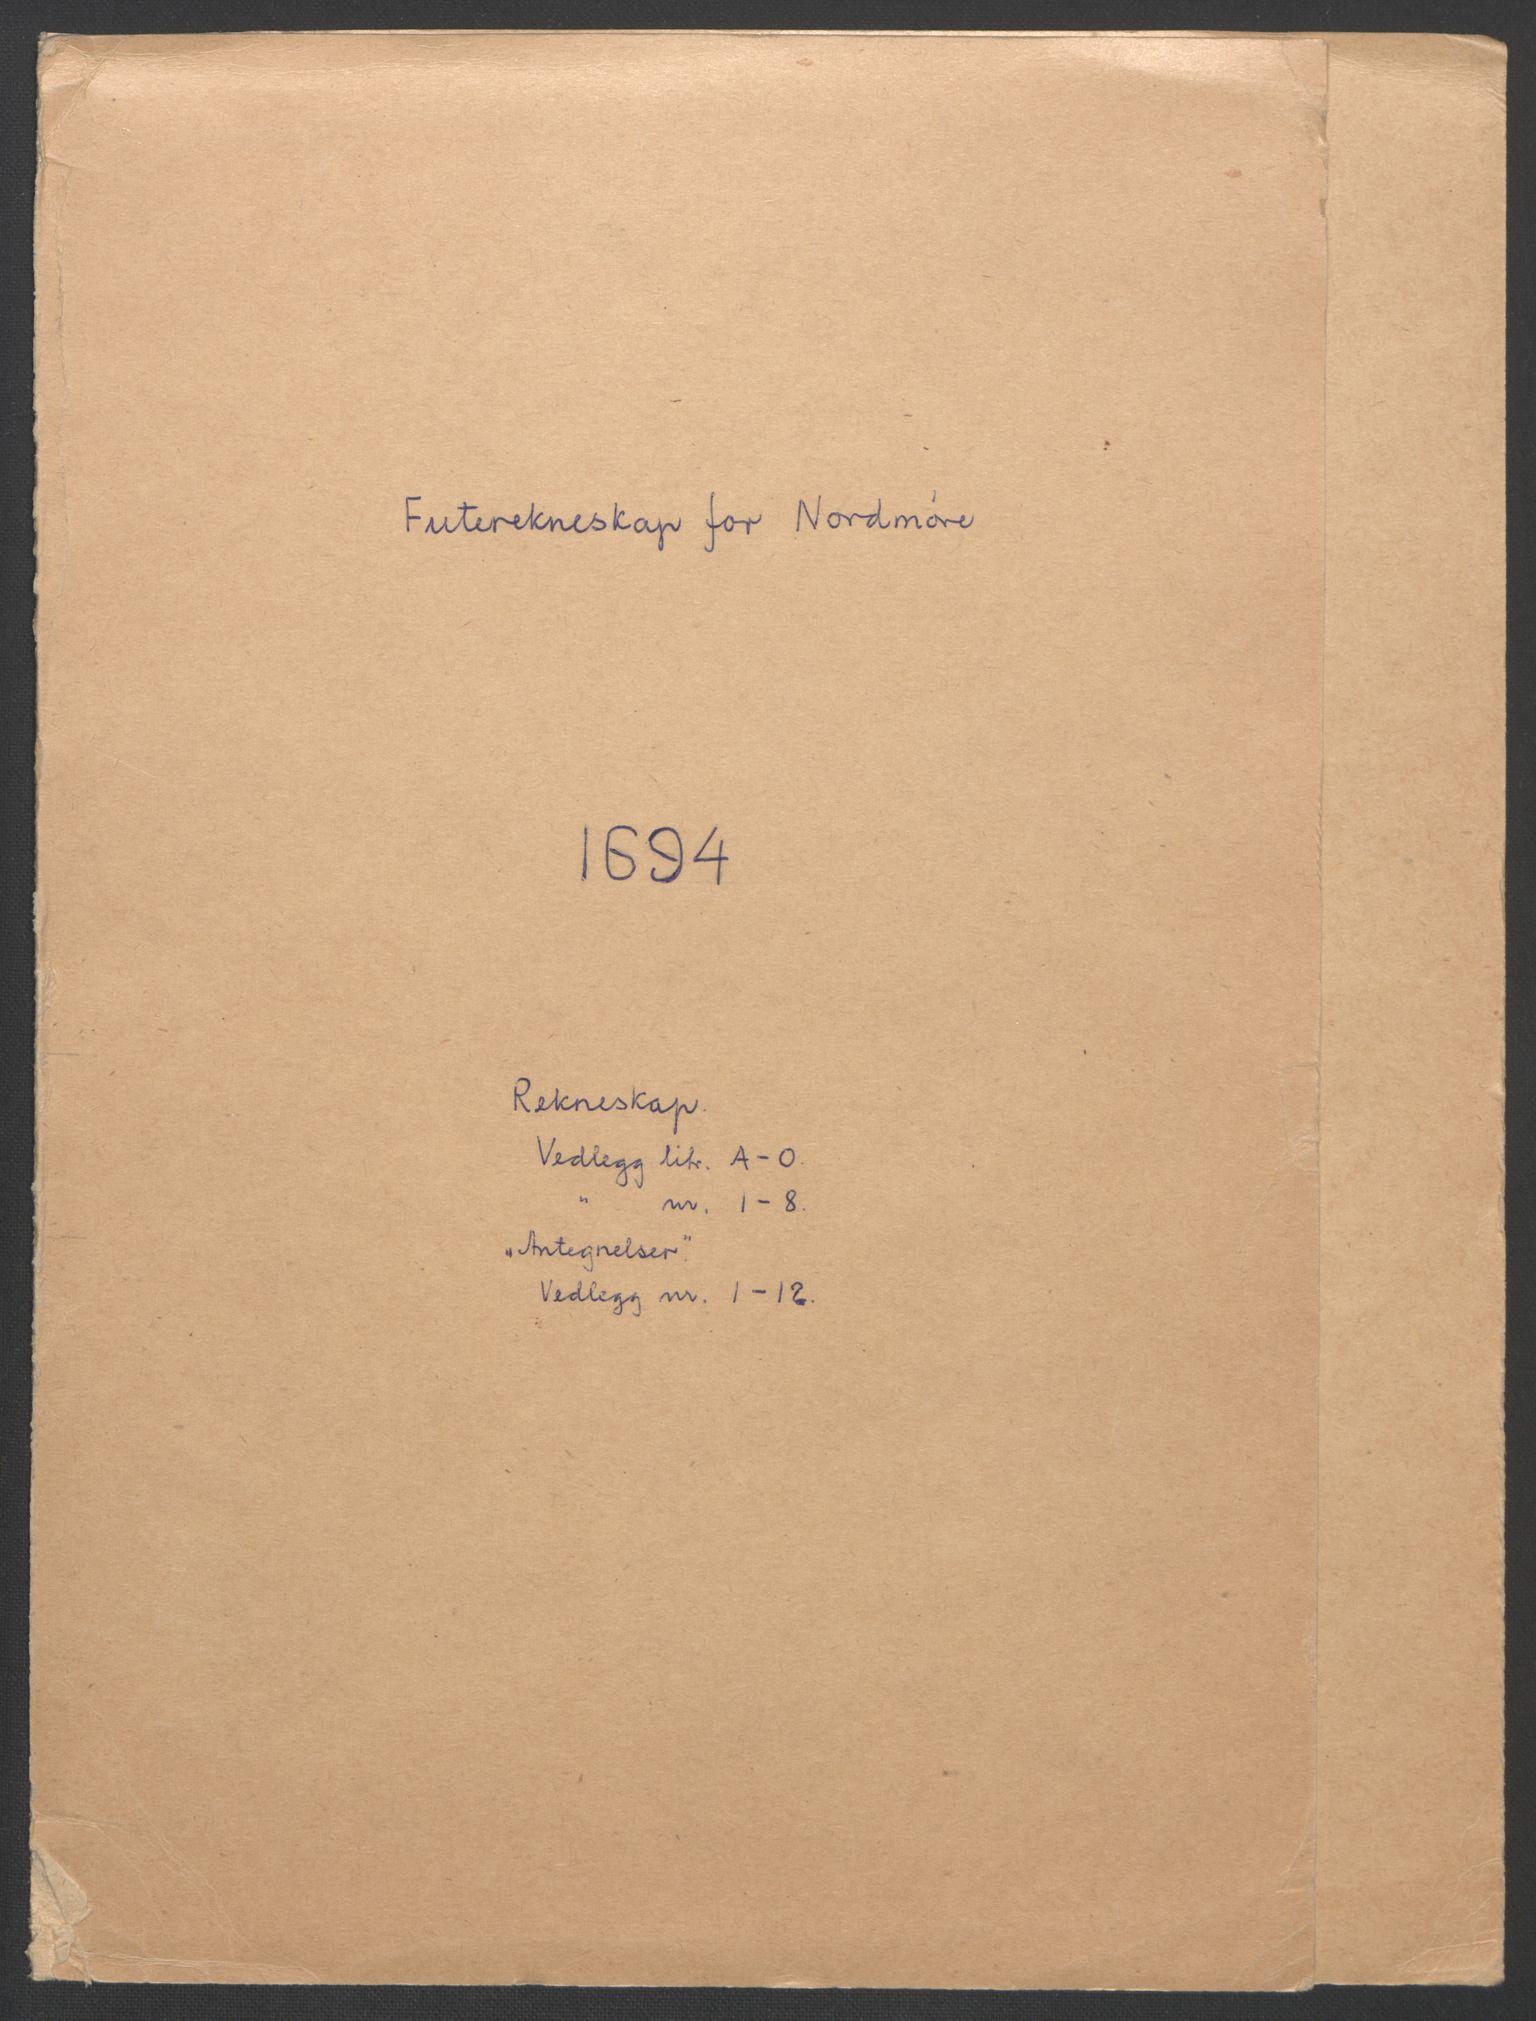 RA, Rentekammeret inntil 1814, Reviderte regnskaper, Fogderegnskap, R56/L3736: Fogderegnskap Nordmøre, 1694-1696, s. 2